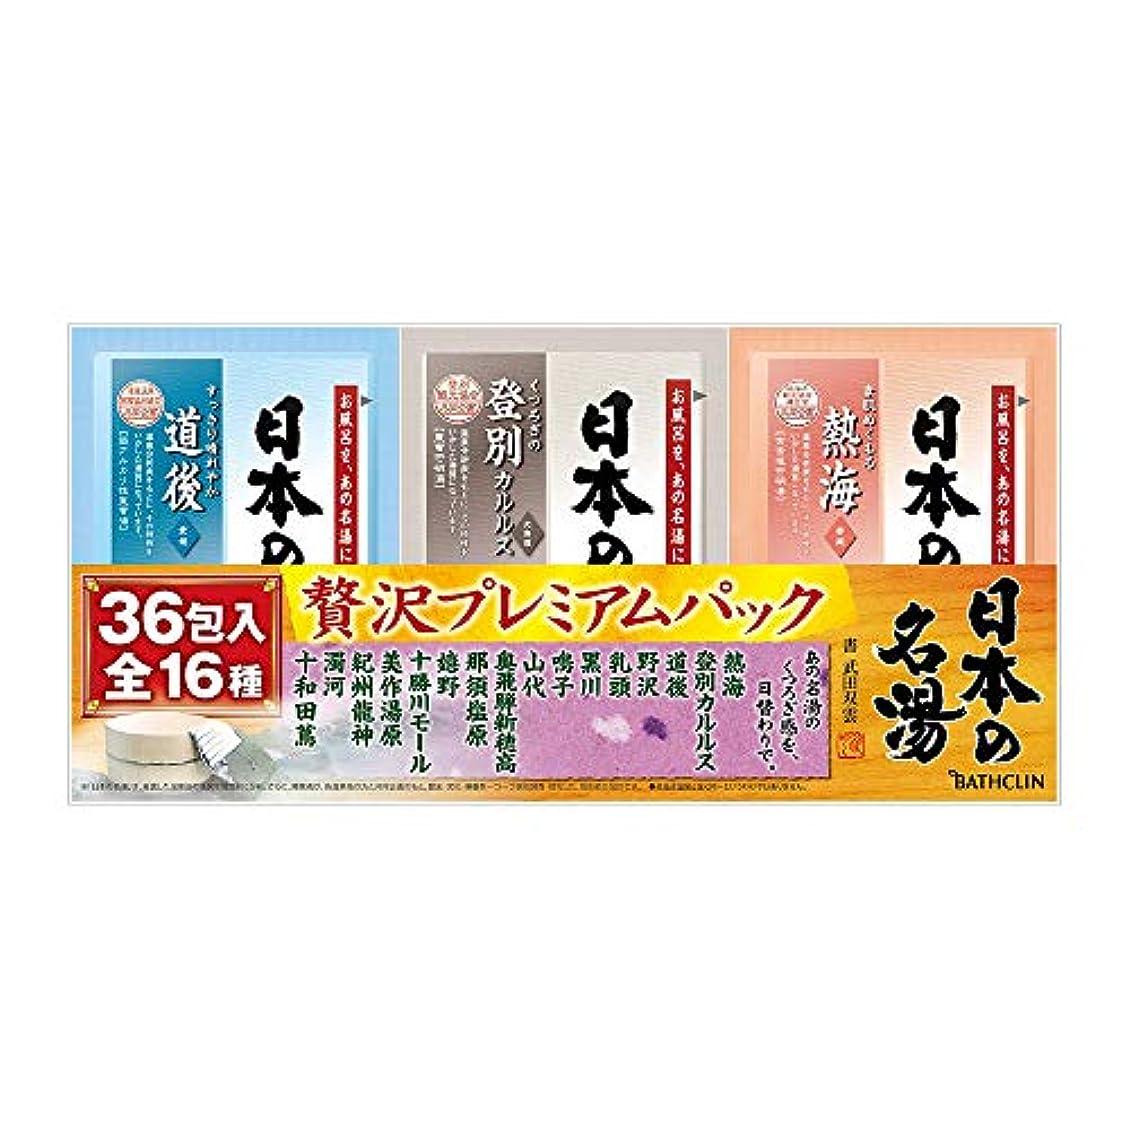 ハンバーガーふりをするワゴン【医薬部外品/大容量】日本の名湯入浴剤 贅沢プレミアムパック36包入 個包装 詰め合わせ 温泉タイプ